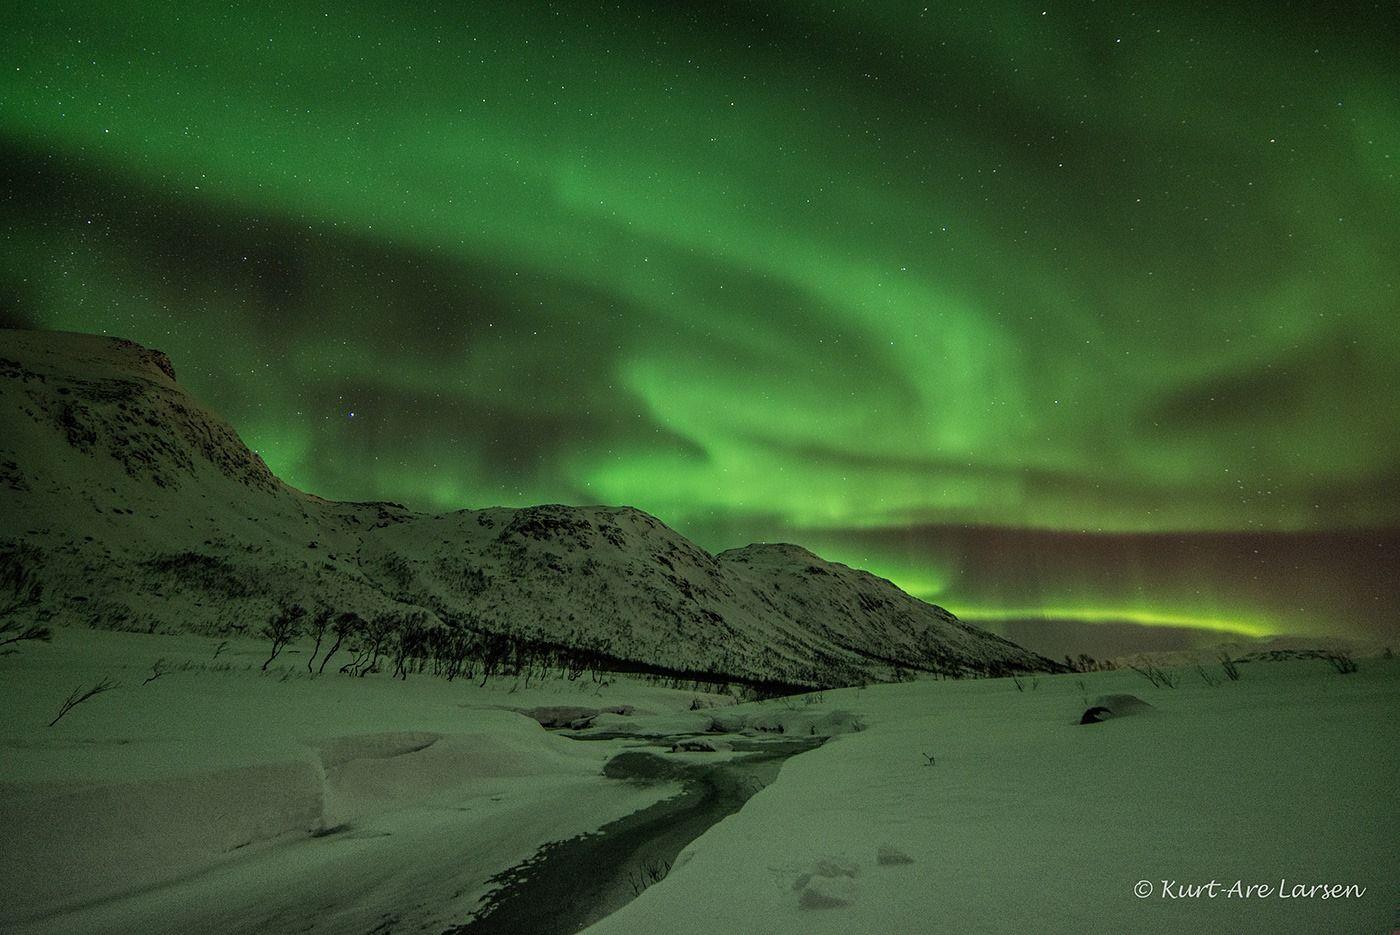 Årets første Nordlysbilde. Bildet er tatt 1/1 2014. Norway